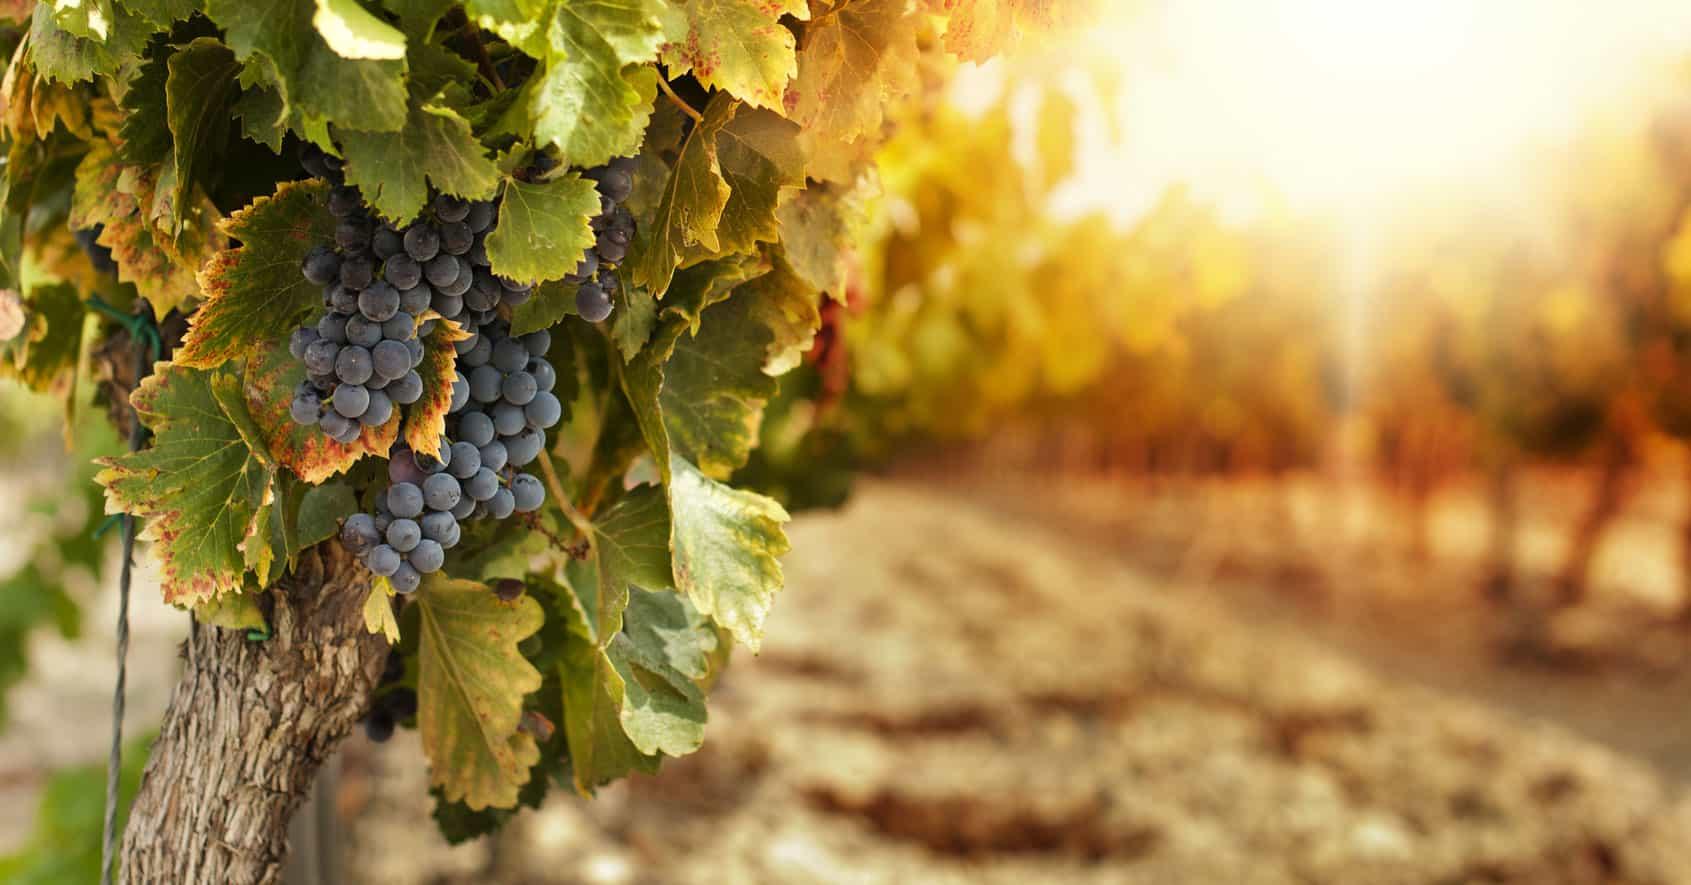 Primorska, vinorodni okoliš Kras